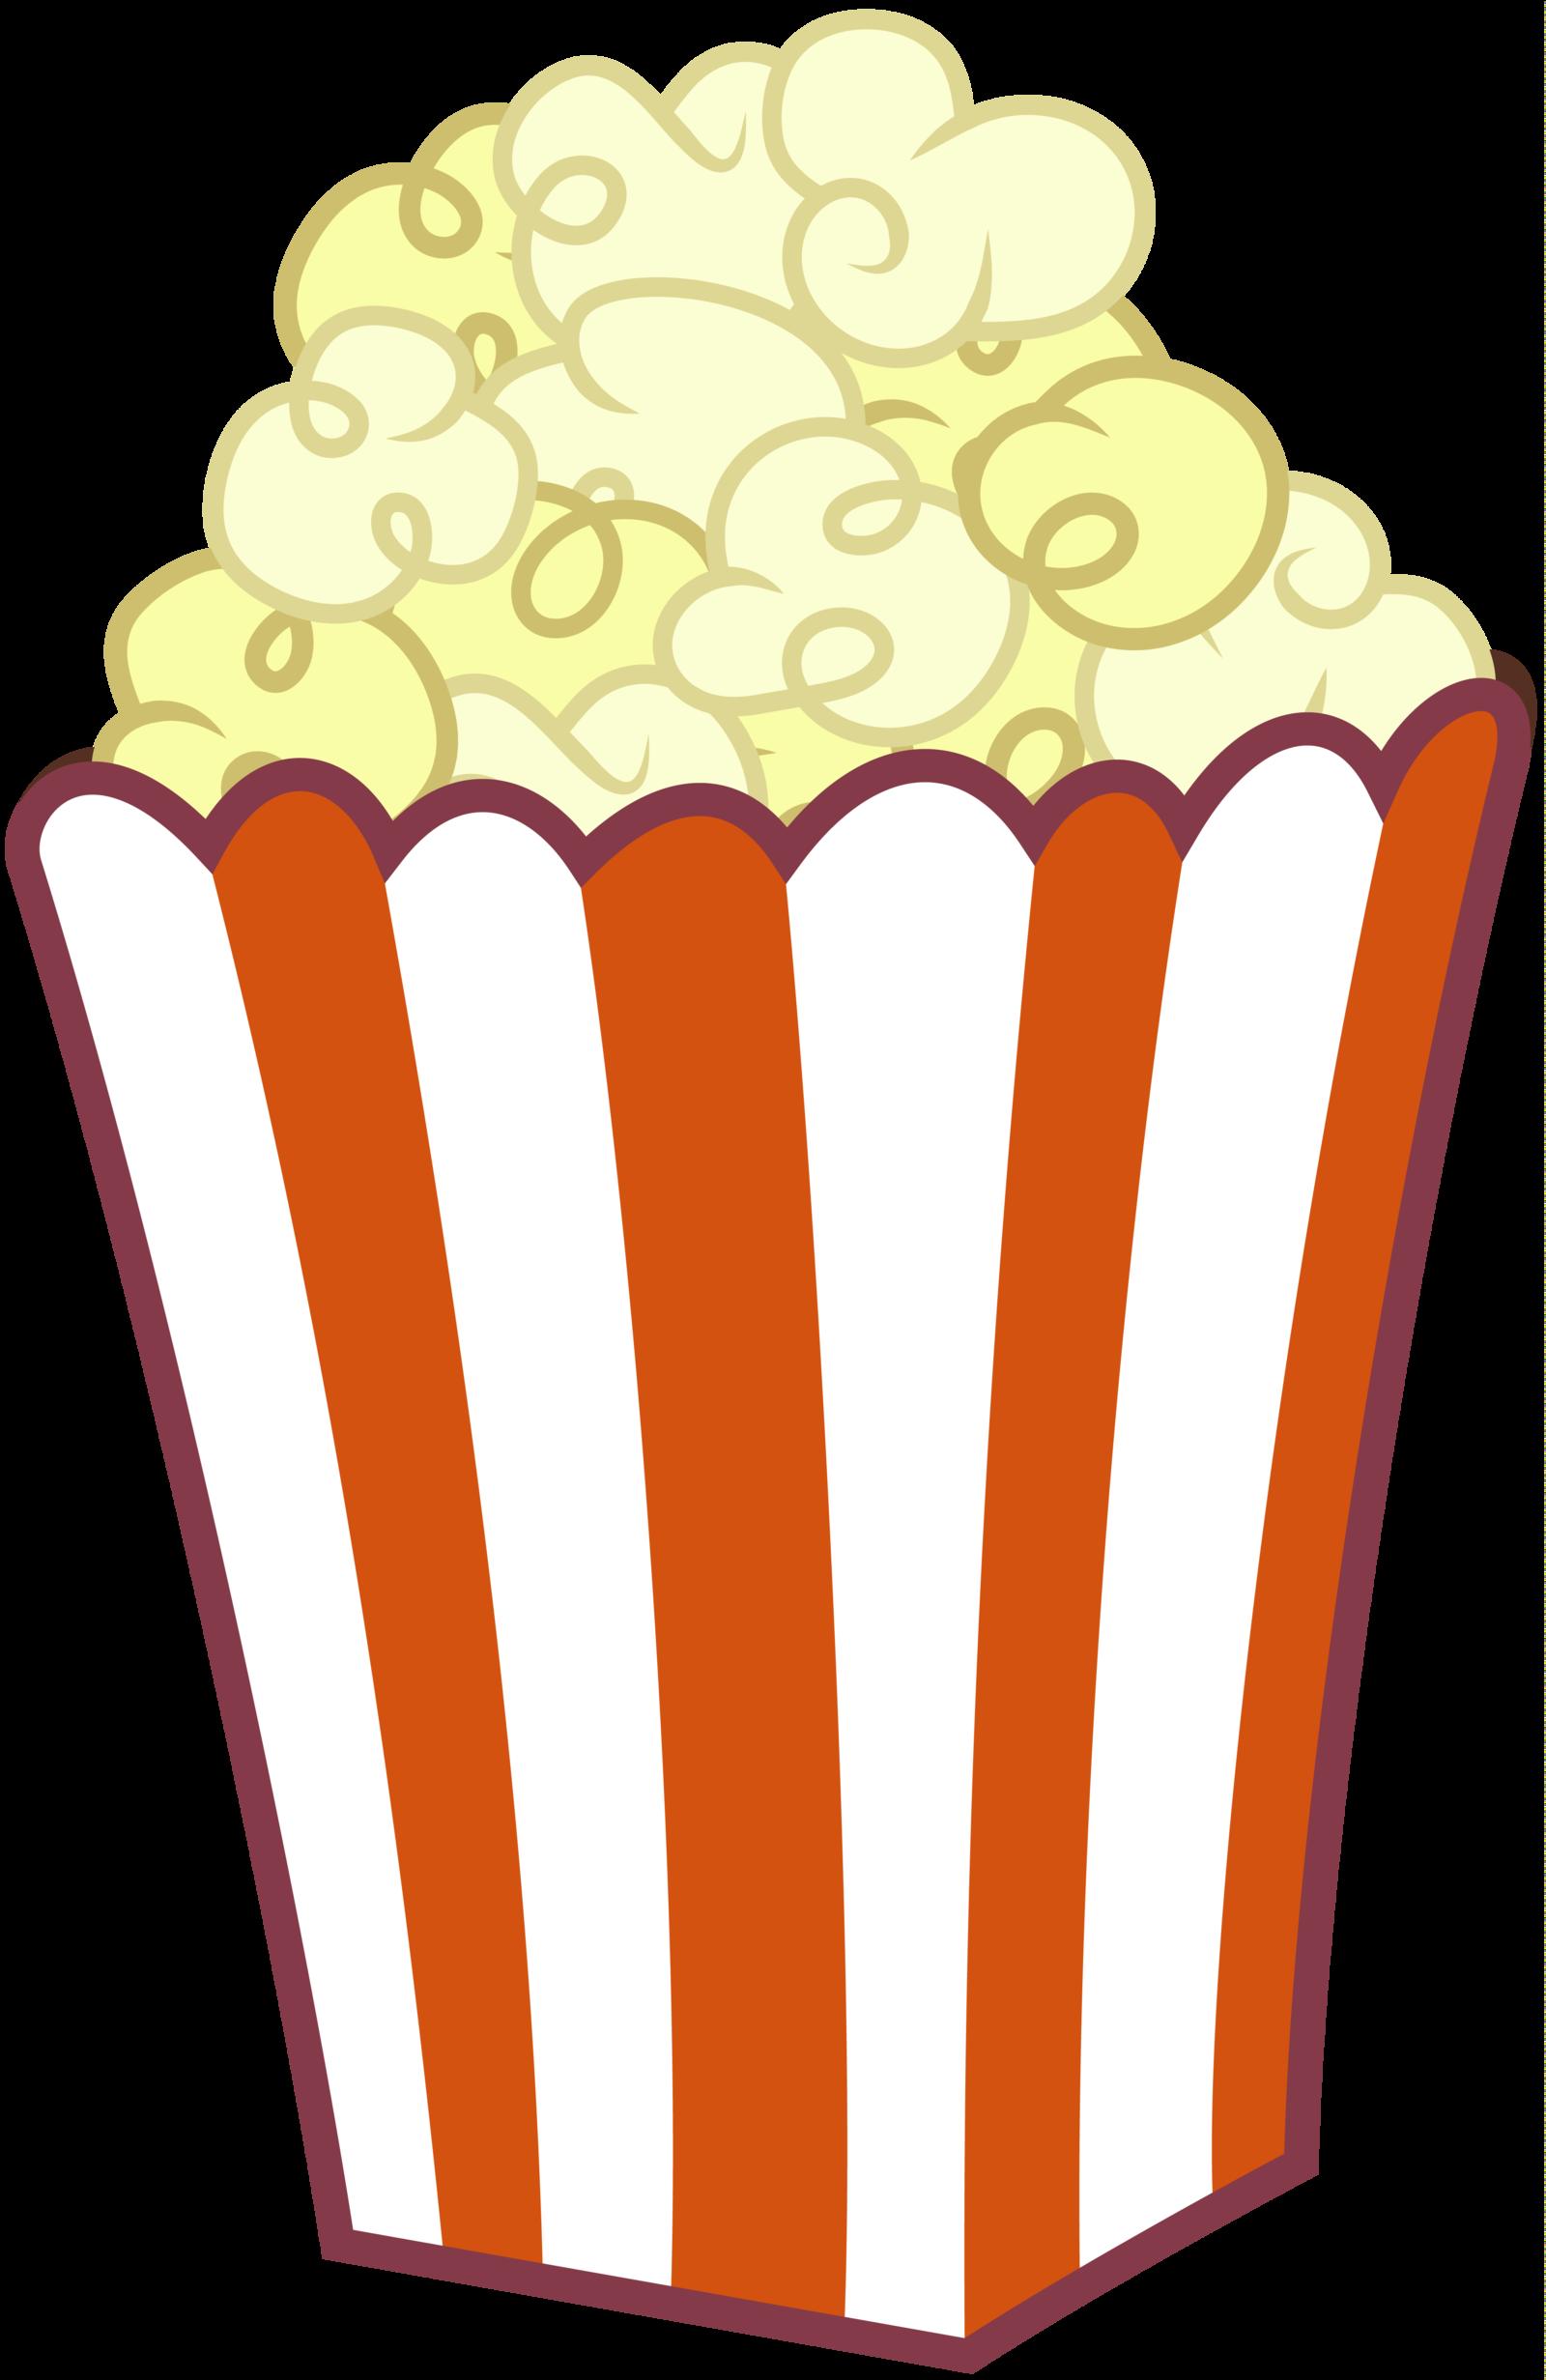 1600x2463 Popcorn Black And White Carnival Popcorn Clip Art Clipart 2